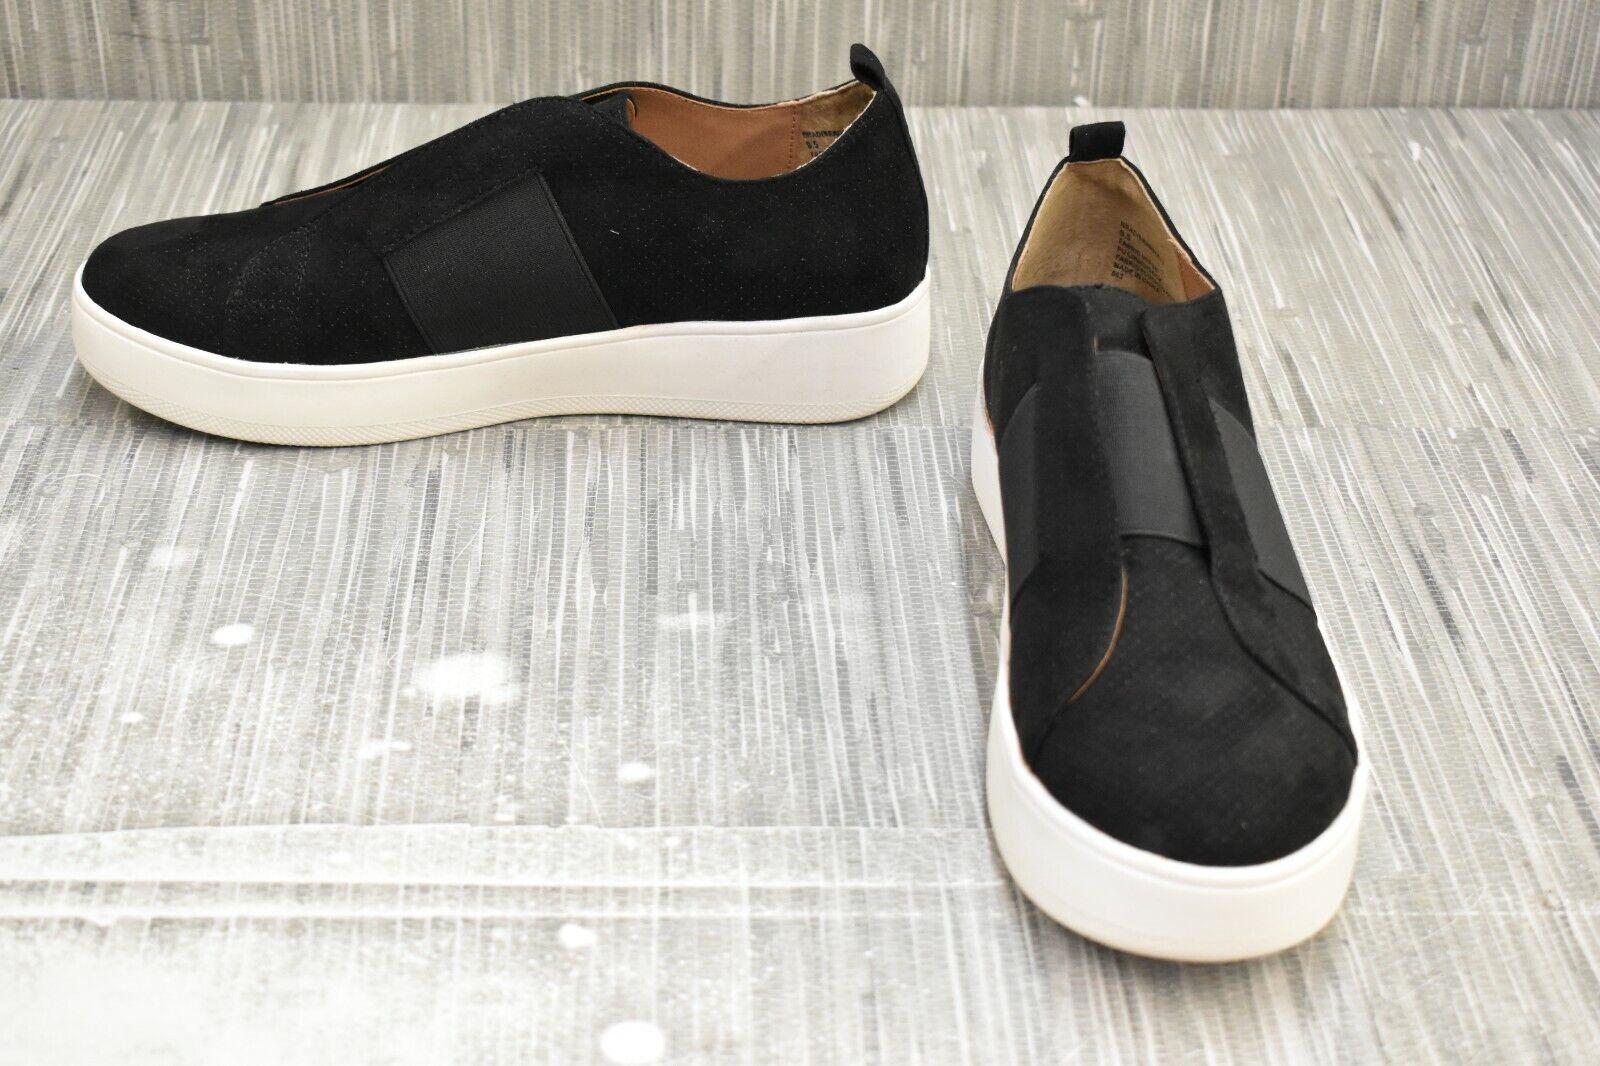 **Steve Madden Brad Casual Comfort Slip On Shoes, Women's Size 9.5, Black